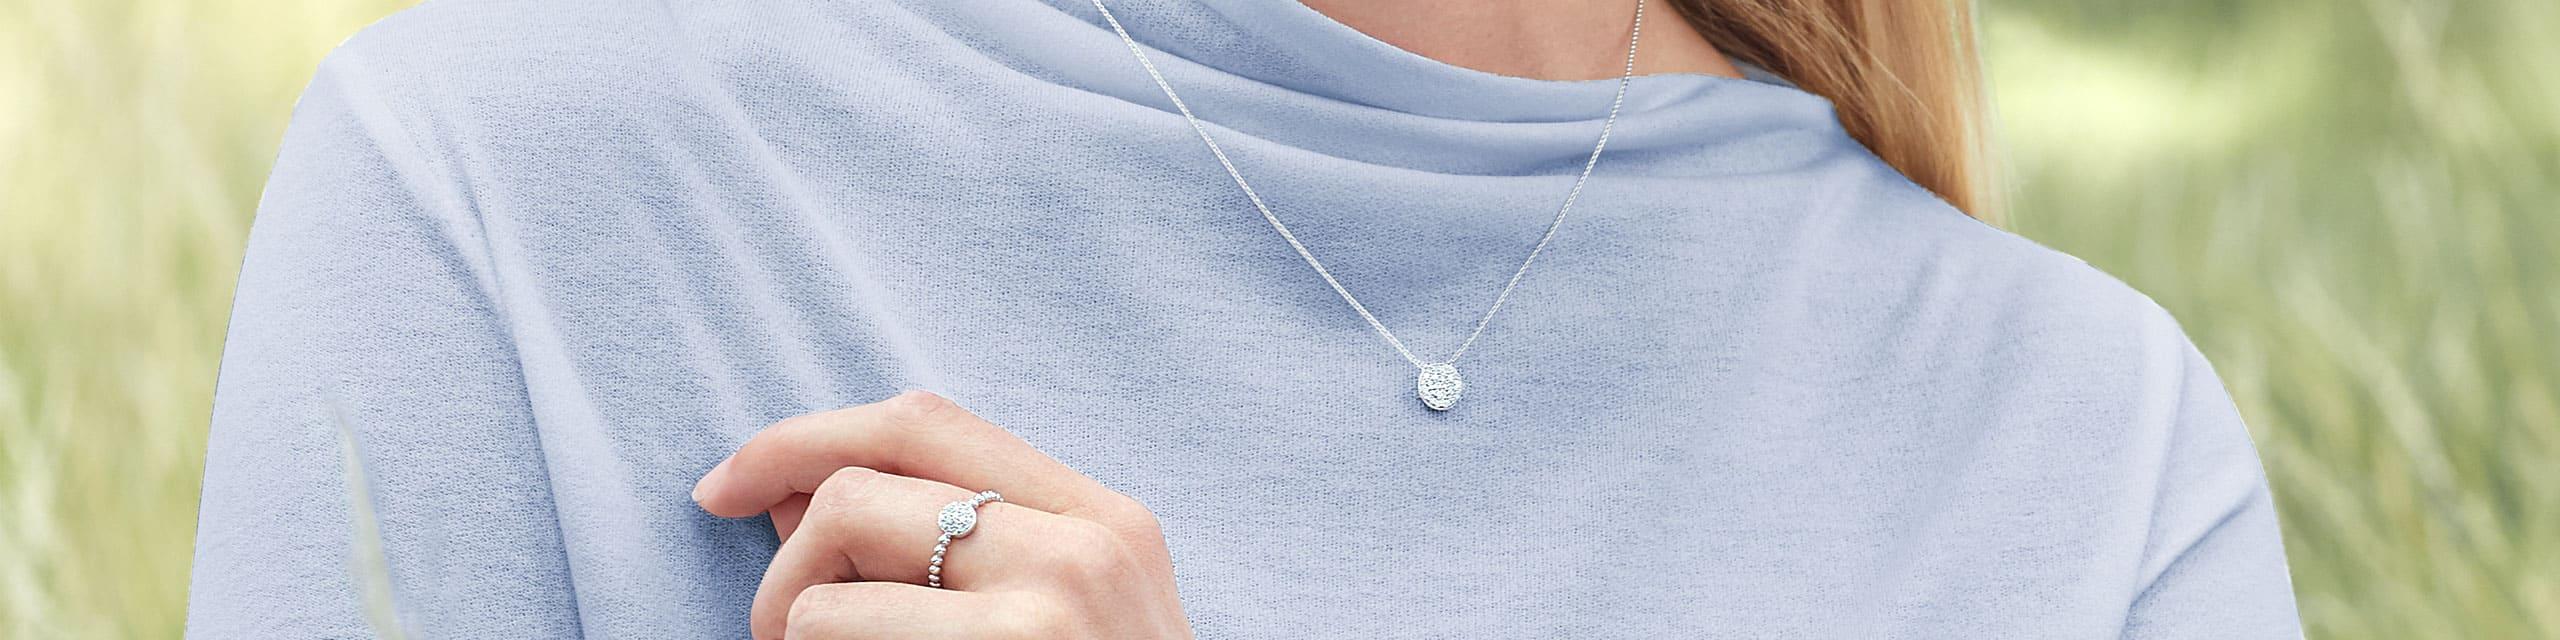 Diamantschmuck bei Juwelier Fridrich in München entdecken. Model mit Diamant Ring und Diamant Kette